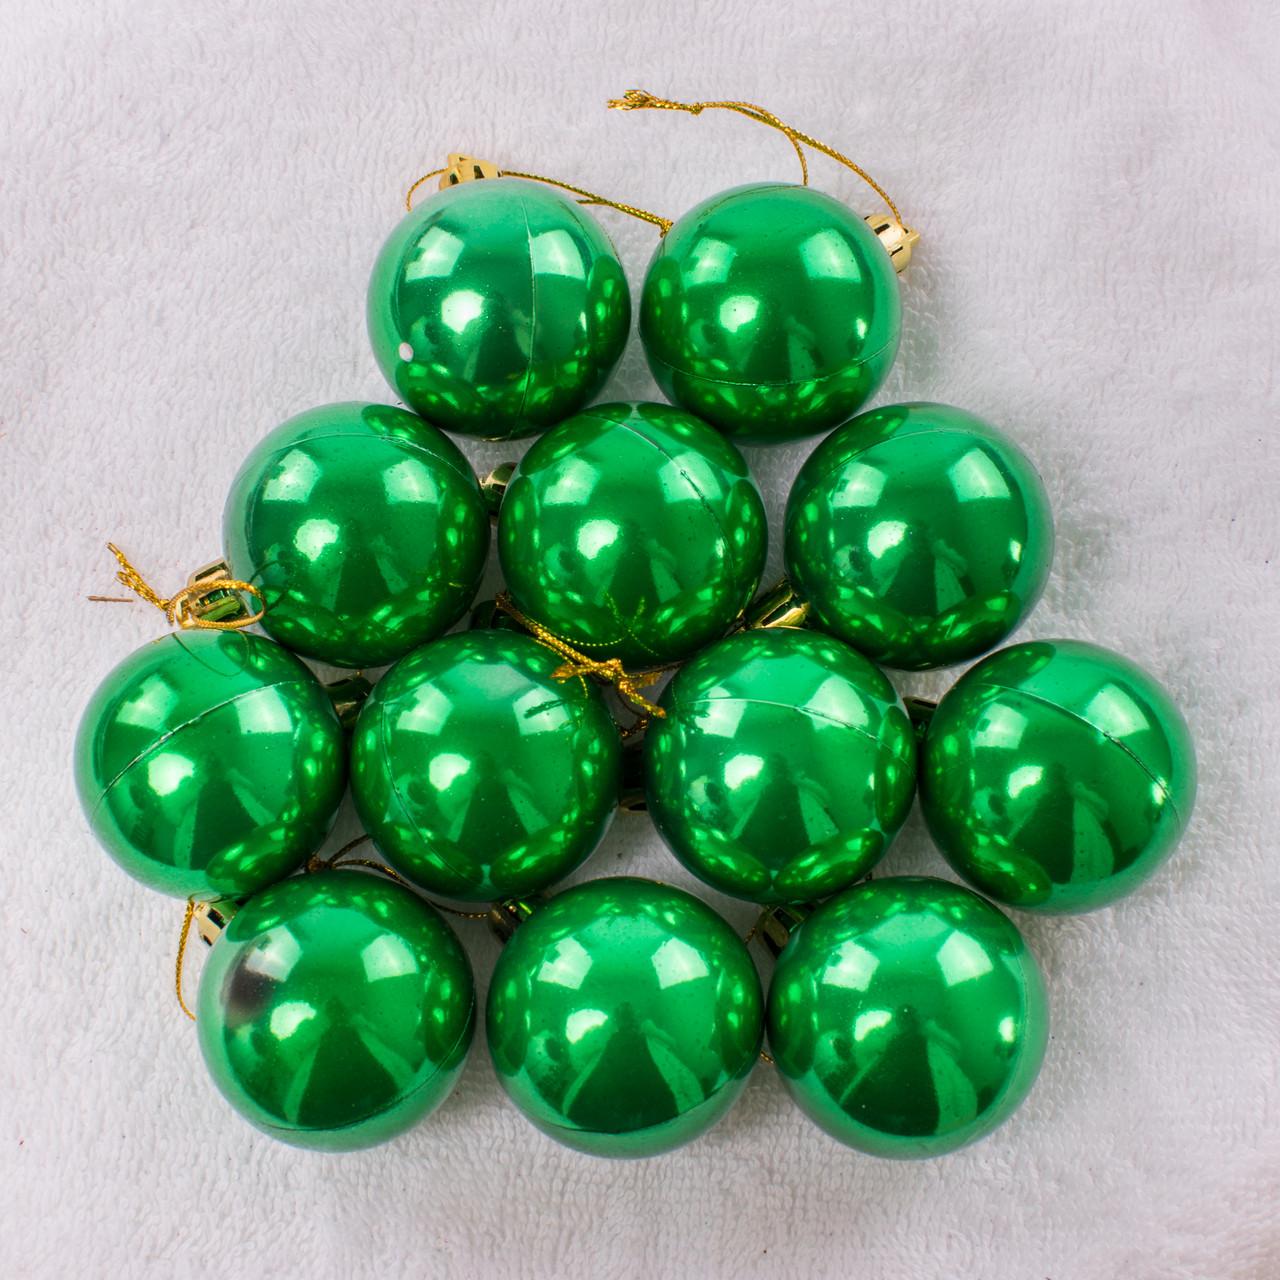 Набор новогодних шариков 125. В упаковке 12 шариков.  Диаметр 40 мм.